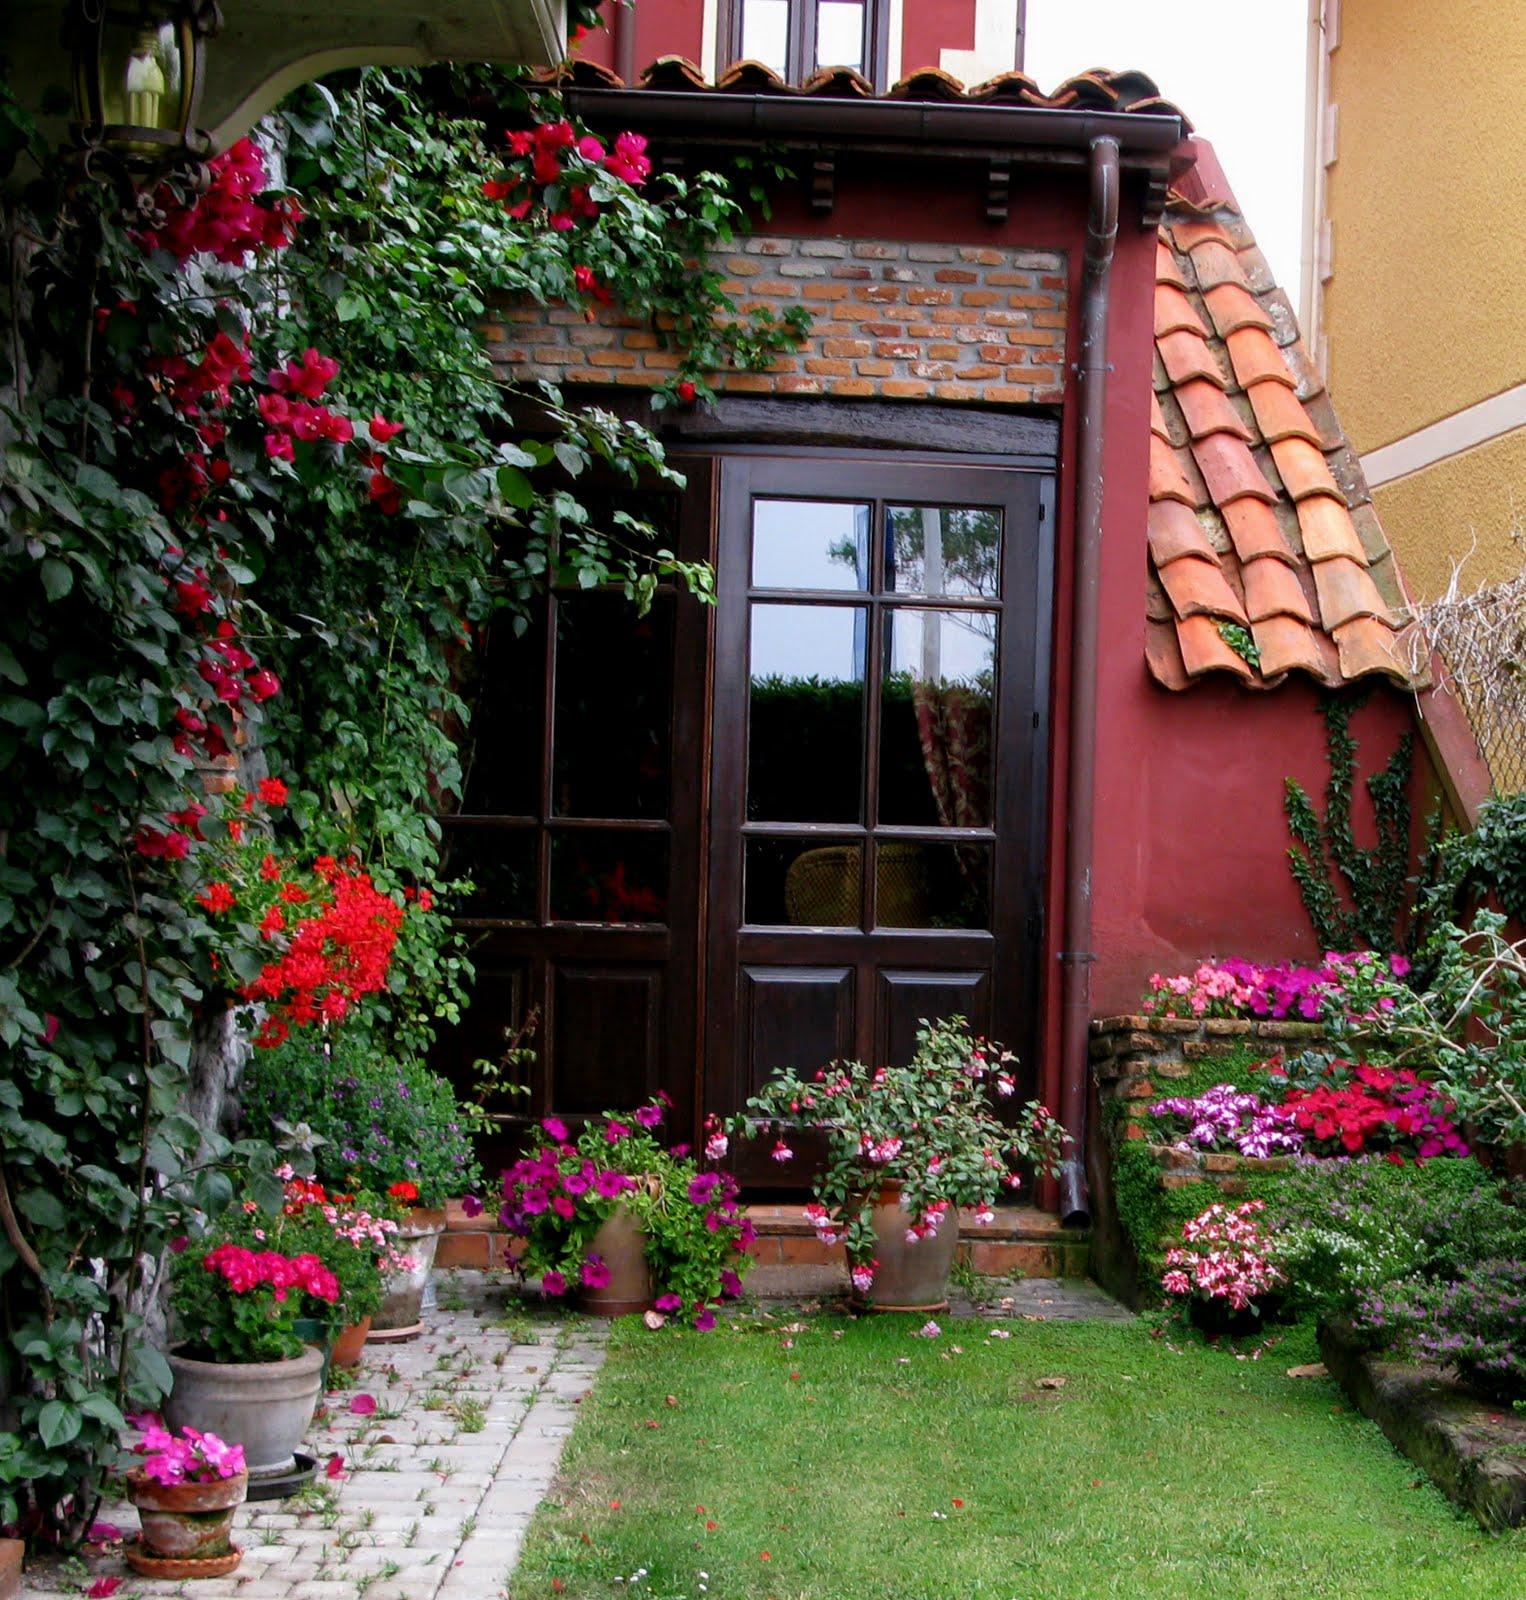 En tu jard n un jard n con alma for Rincones de jardines con encanto